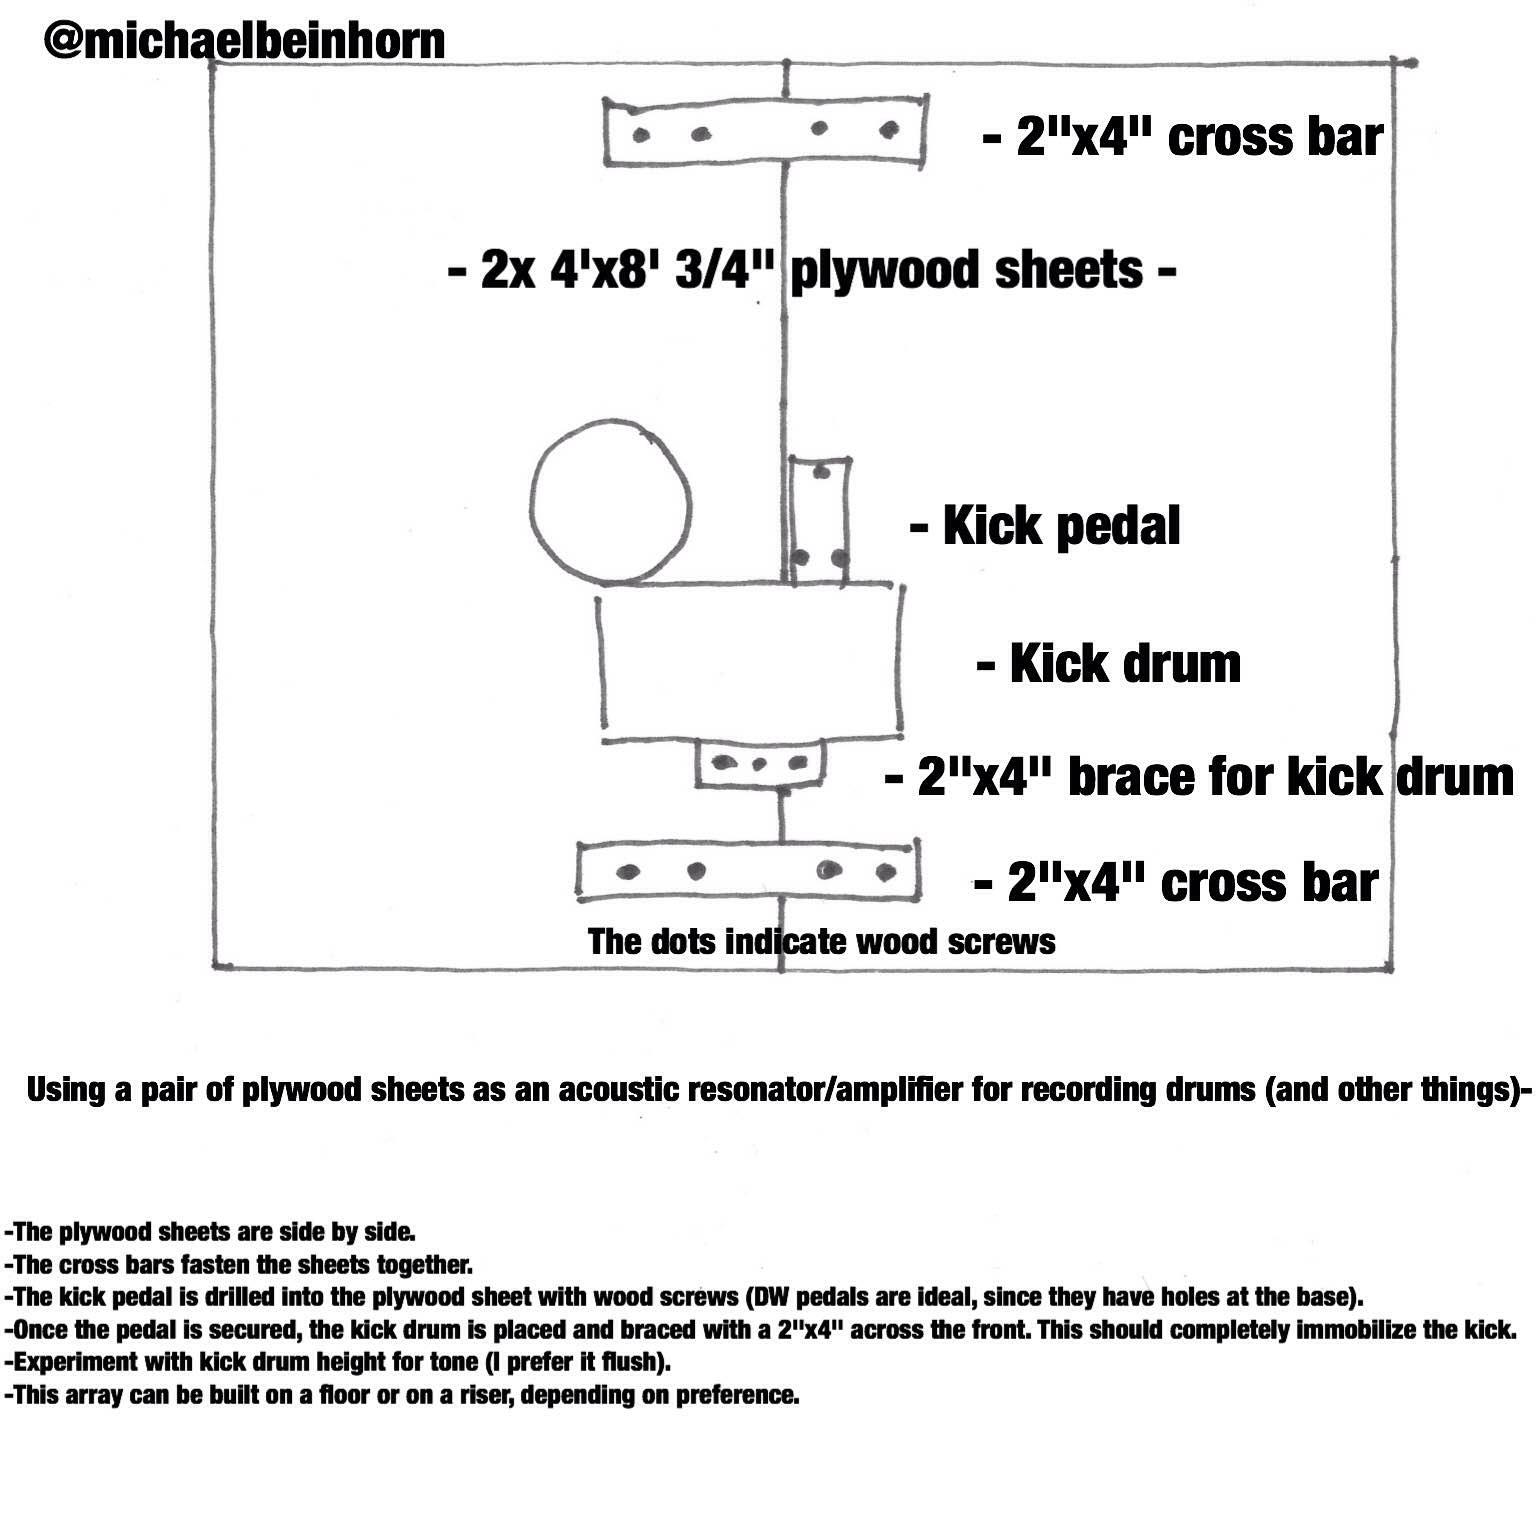 RSR009 - Michael Beinhorn - Unlocking Creativity - Drum Platform Design